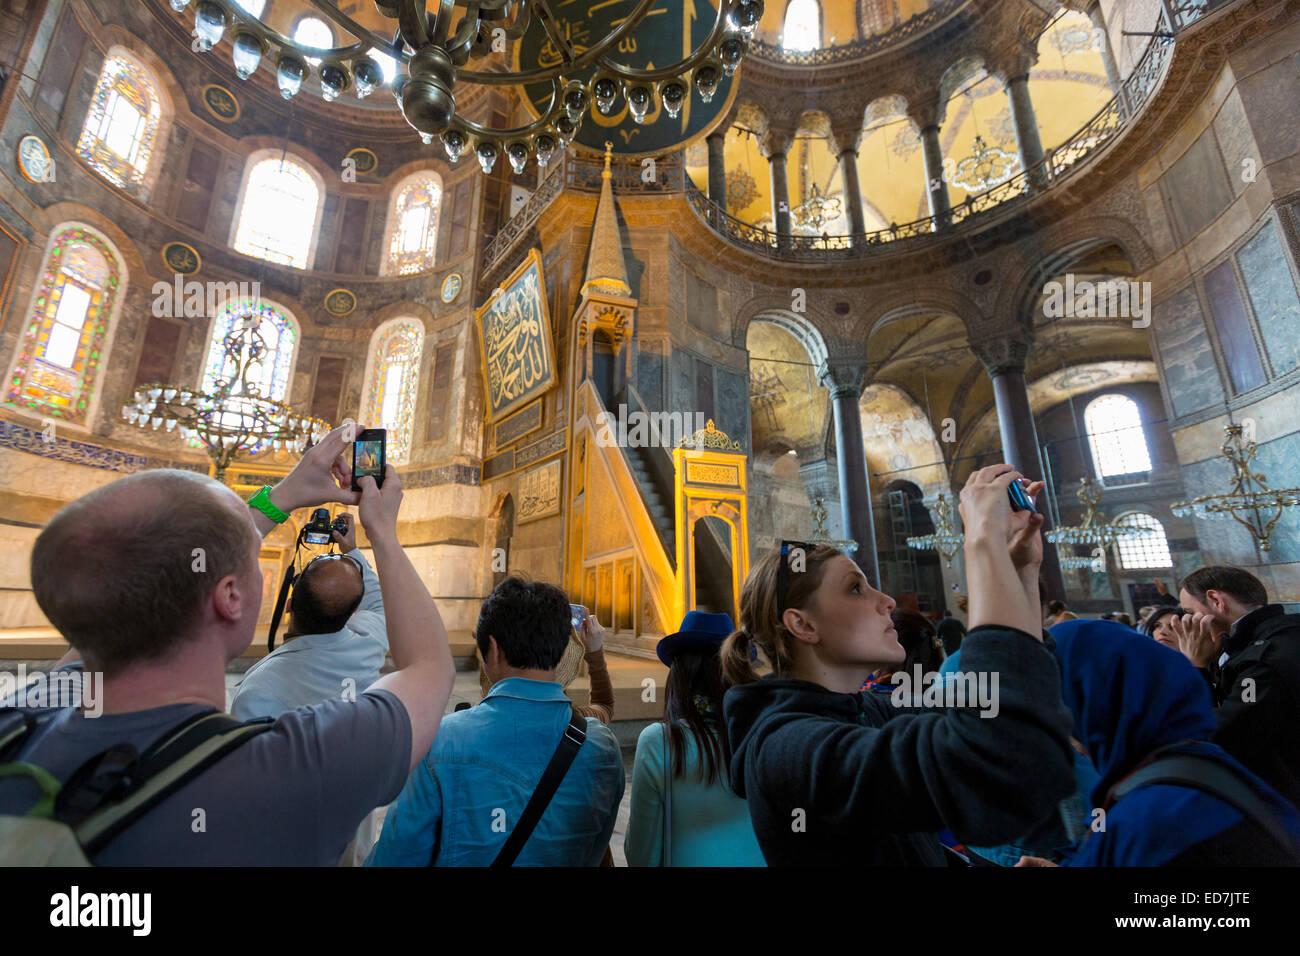 Los turistas en la Catedral de Santa Sofía Hagia Sophia, la mezquita de Ayasofya Muzesi, museo utilizando smartphones Imagen De Stock